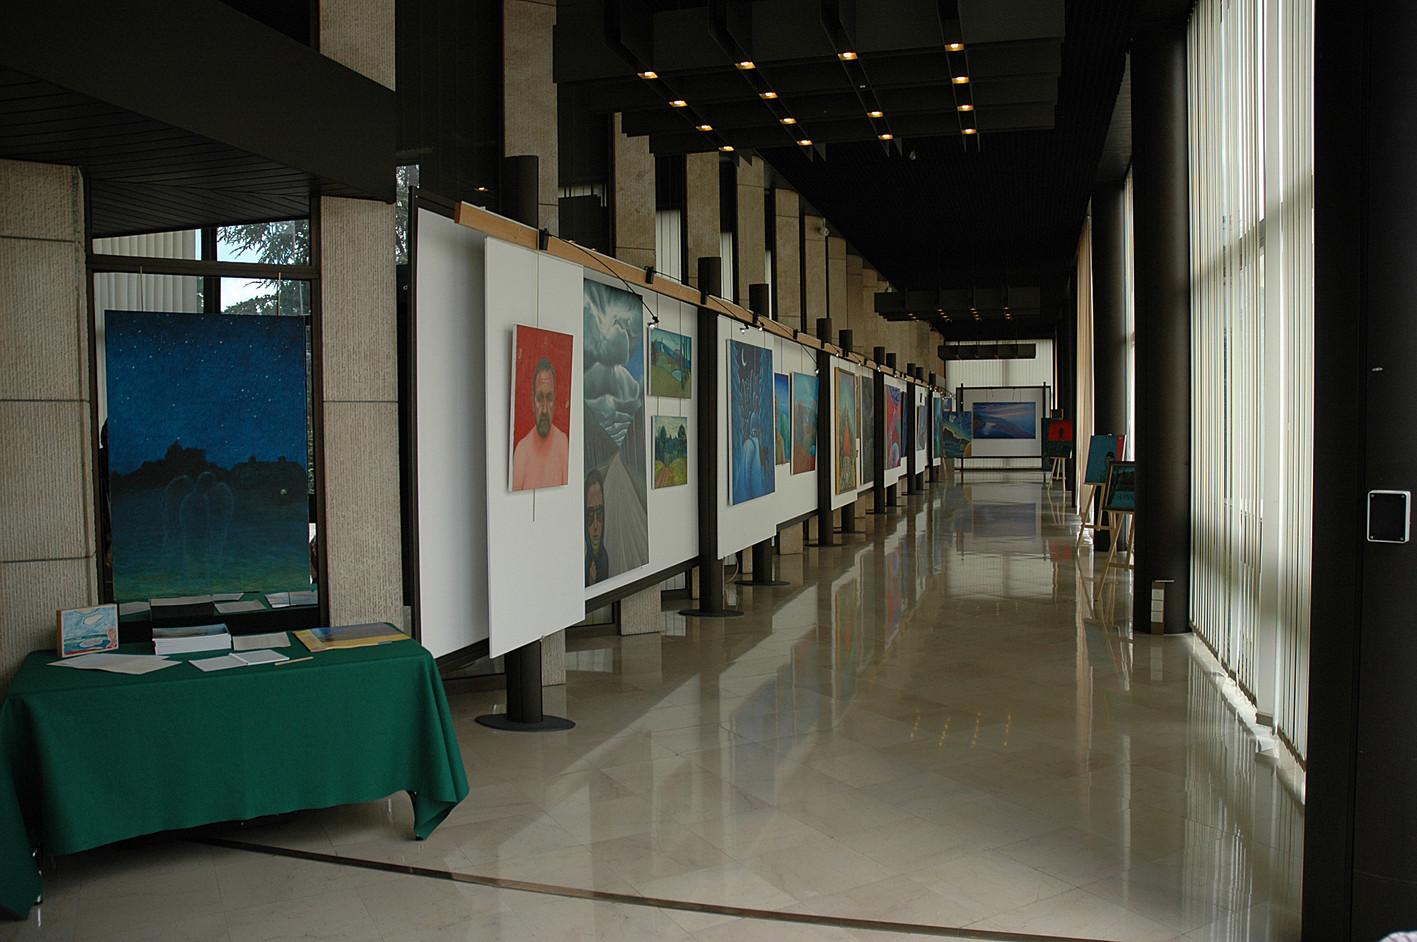 """""""Gleznas"""", Fransuā Miterāna galerija, Burgundijas reģionālās Padomes centrs, Dižona, Francija. """"Paintings"""", Francois Mitterrand Gallery, Center of Burgundy Regional Council, Dijon, France. 2007."""